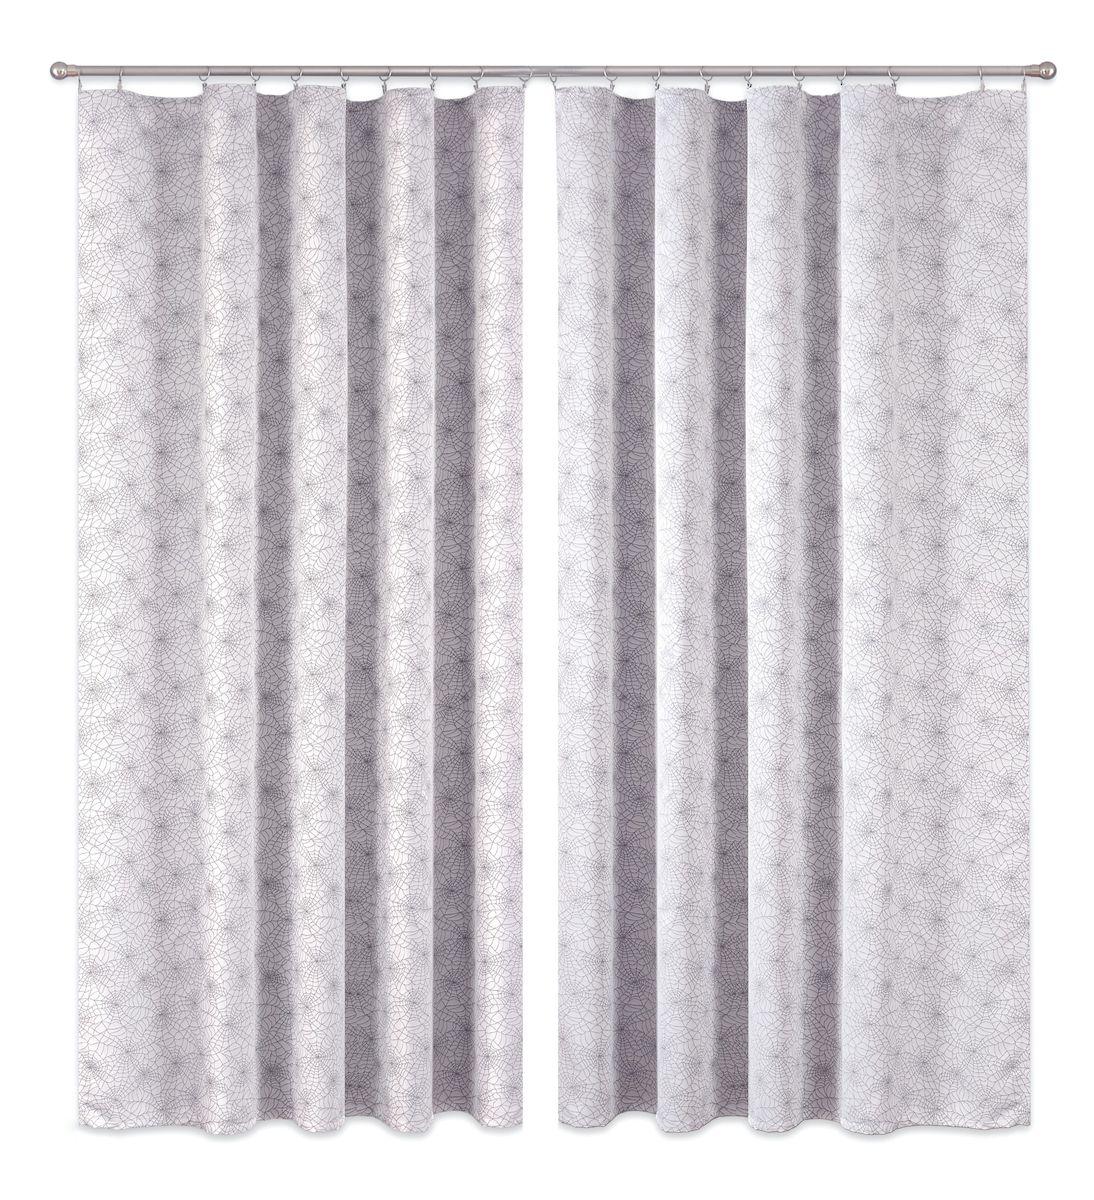 Комплект штор P Primavera Firany, цвет: серый, высота 270 см. 1110002